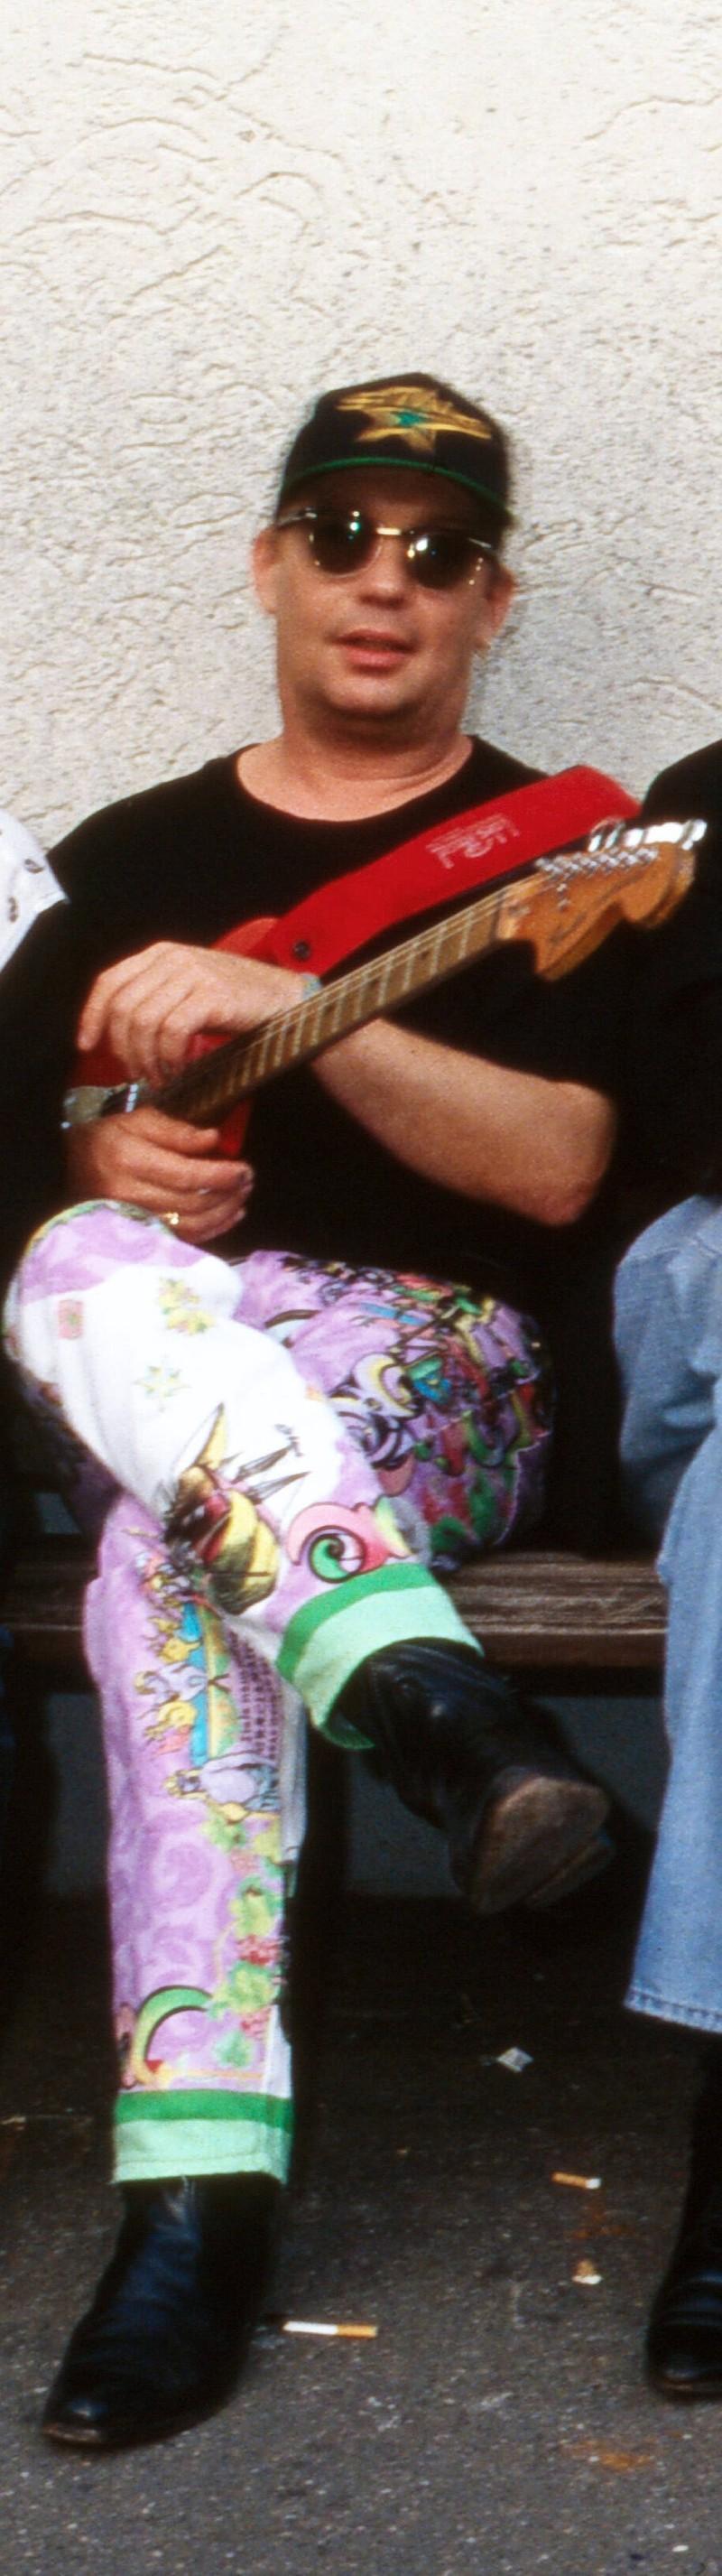 Willie Duncan kommt als zweiter Gitarrist 1988 dazu.